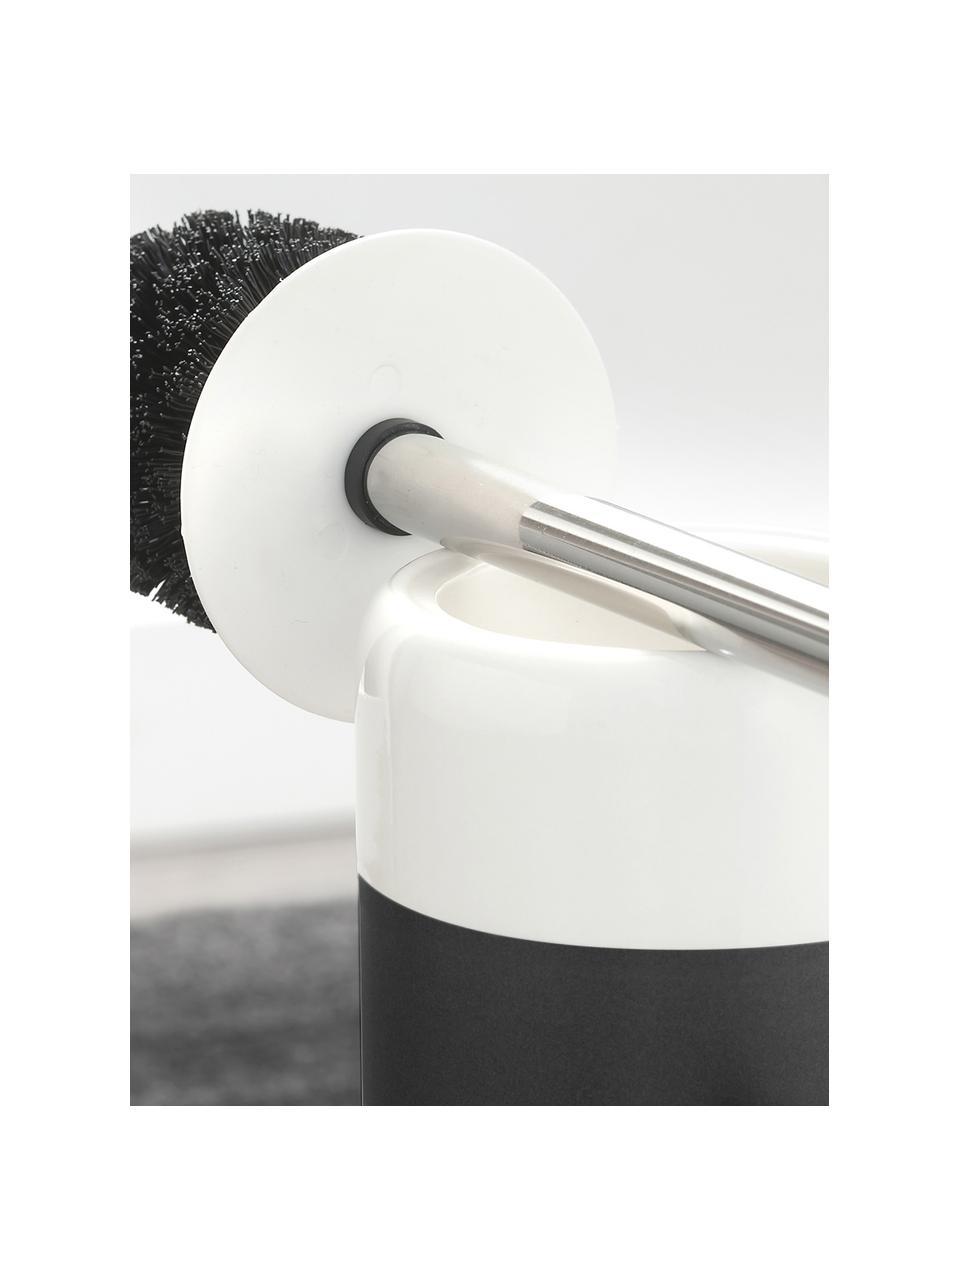 Toilettenbürste Sphere mit Porzellan-Behälter, Gefäß: Porzellan, Gefäß: Schwarz, WeißToilettenbürste: Edelstahl, Ø 10 x H 38 cm